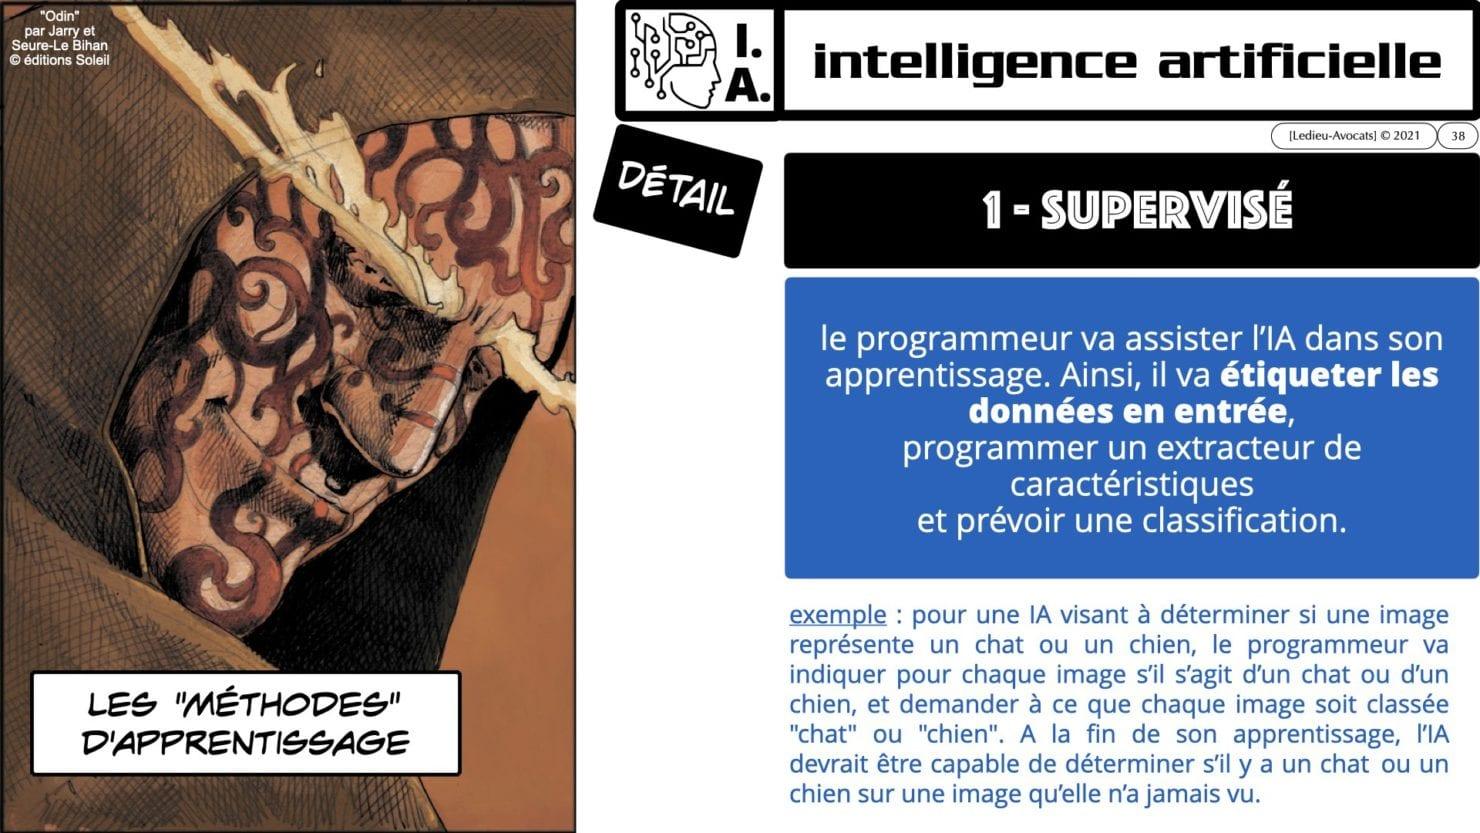 335 Intelligence Artificielle 2021 et AI Act [projet de Règlement UE] deep learning machine learning © Ledieu-Avocats 04-06-2021 *16:9*.038